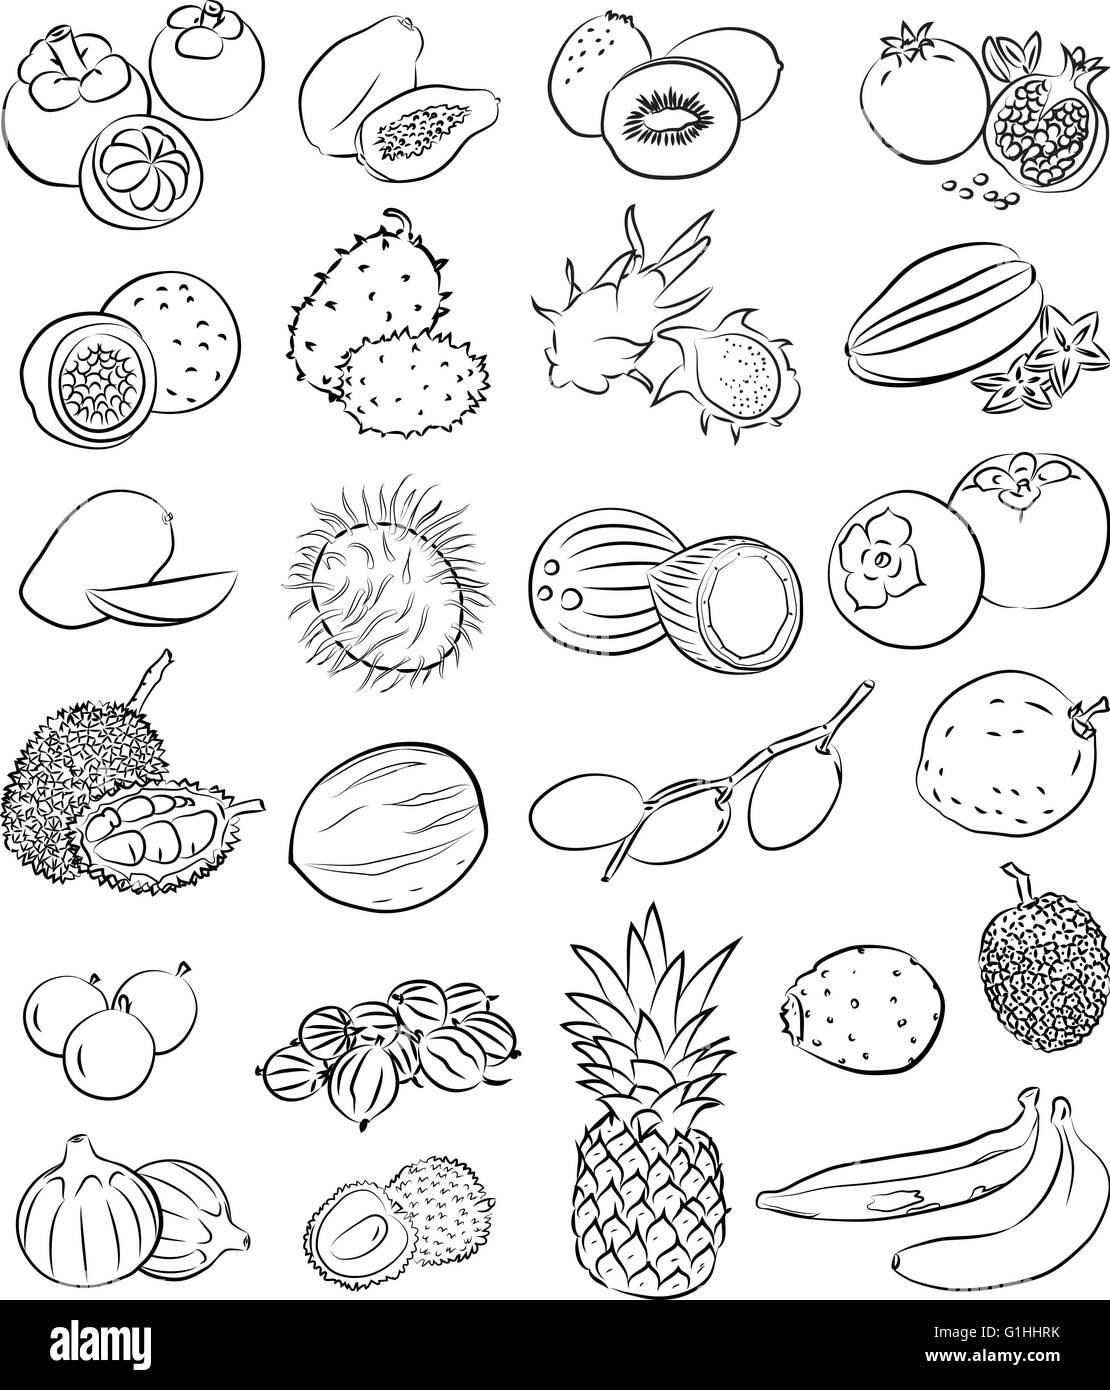 Kiwi Fruit Black and White Stock Photos & Images - Alamy